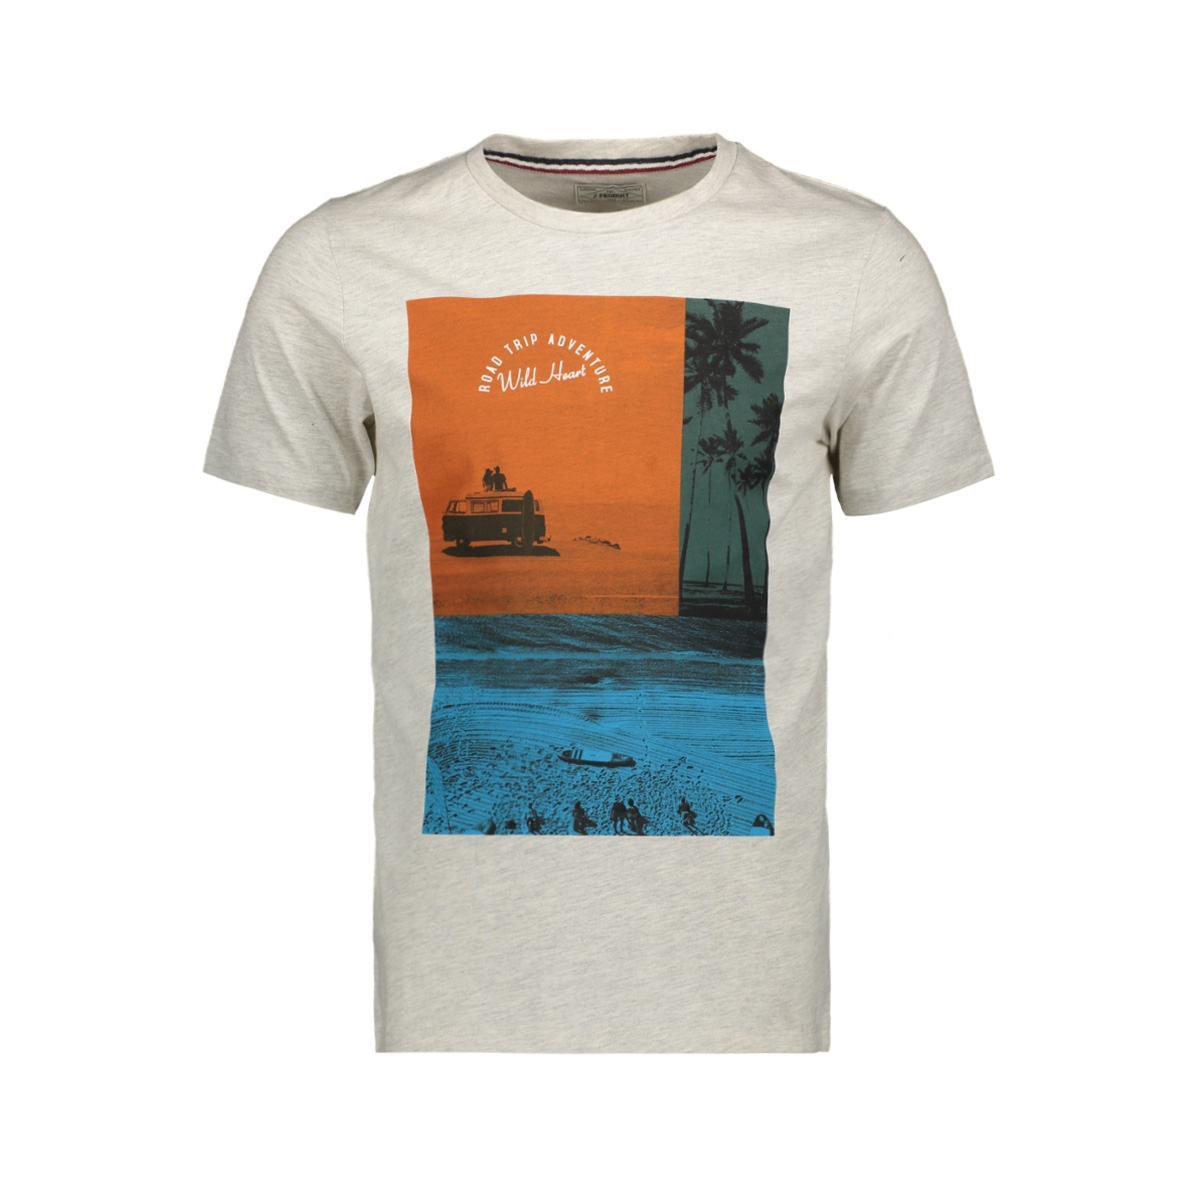 pktgms poetry tee ss 12153816 produkt t-shirt white melange